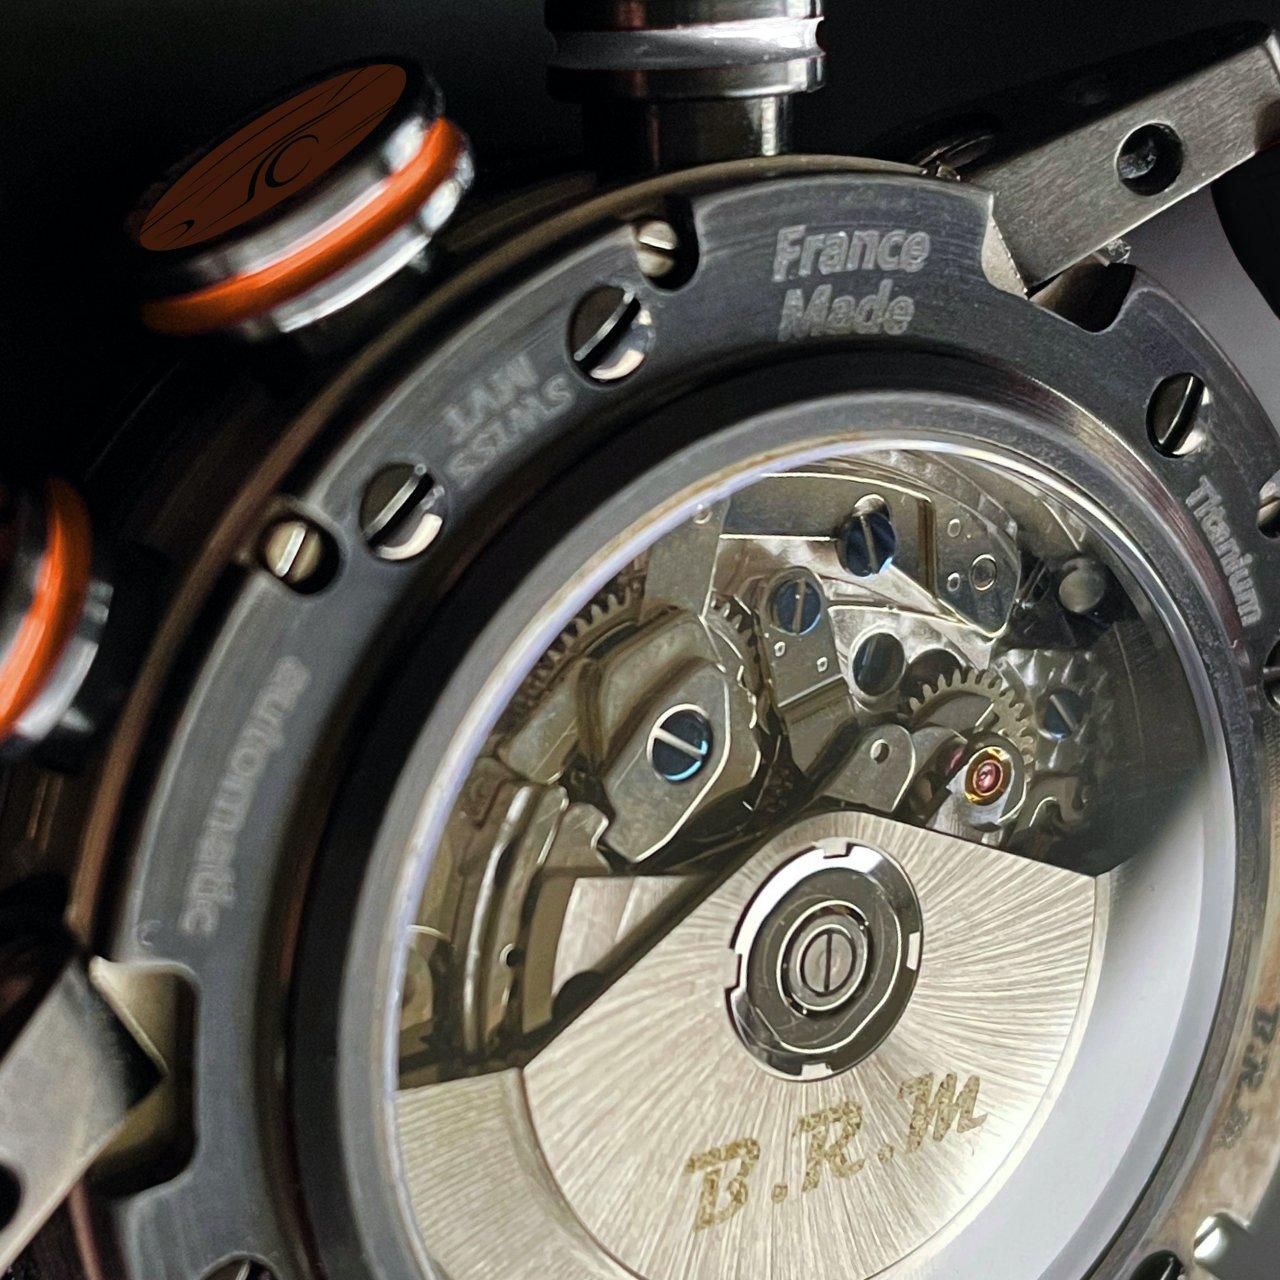 Parkinson's, New chronograph benefits battle against Parkinson's, ClassicCars.com Journal